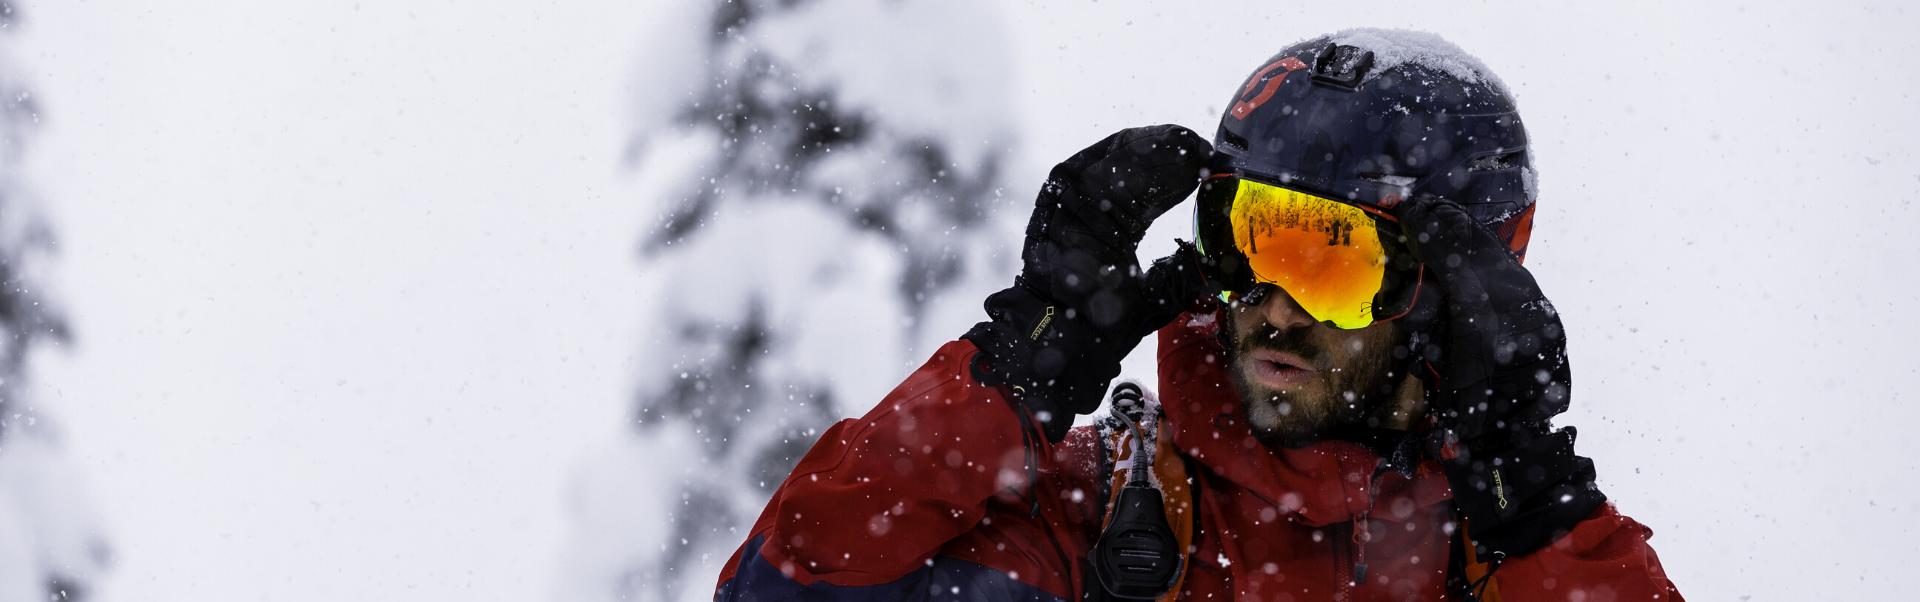 Kalnų slidinėjimo šalmai